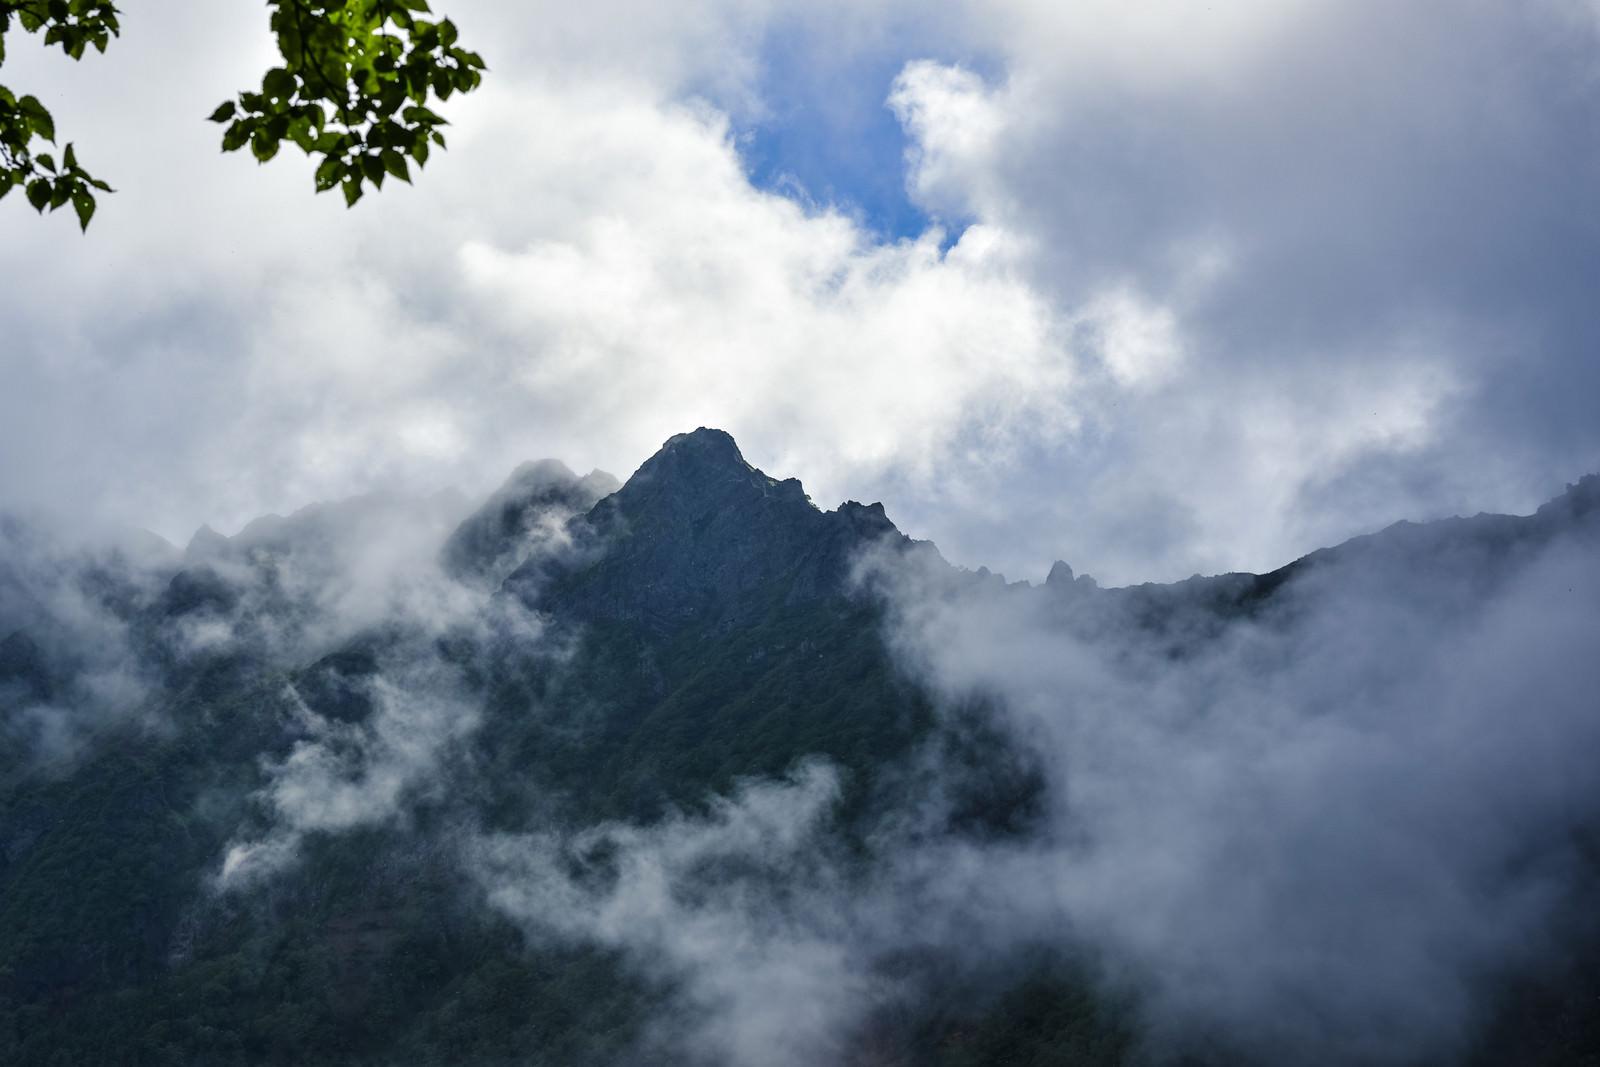 「雲の隙間から顔を見せる八ヶ岳(赤岳)」の写真